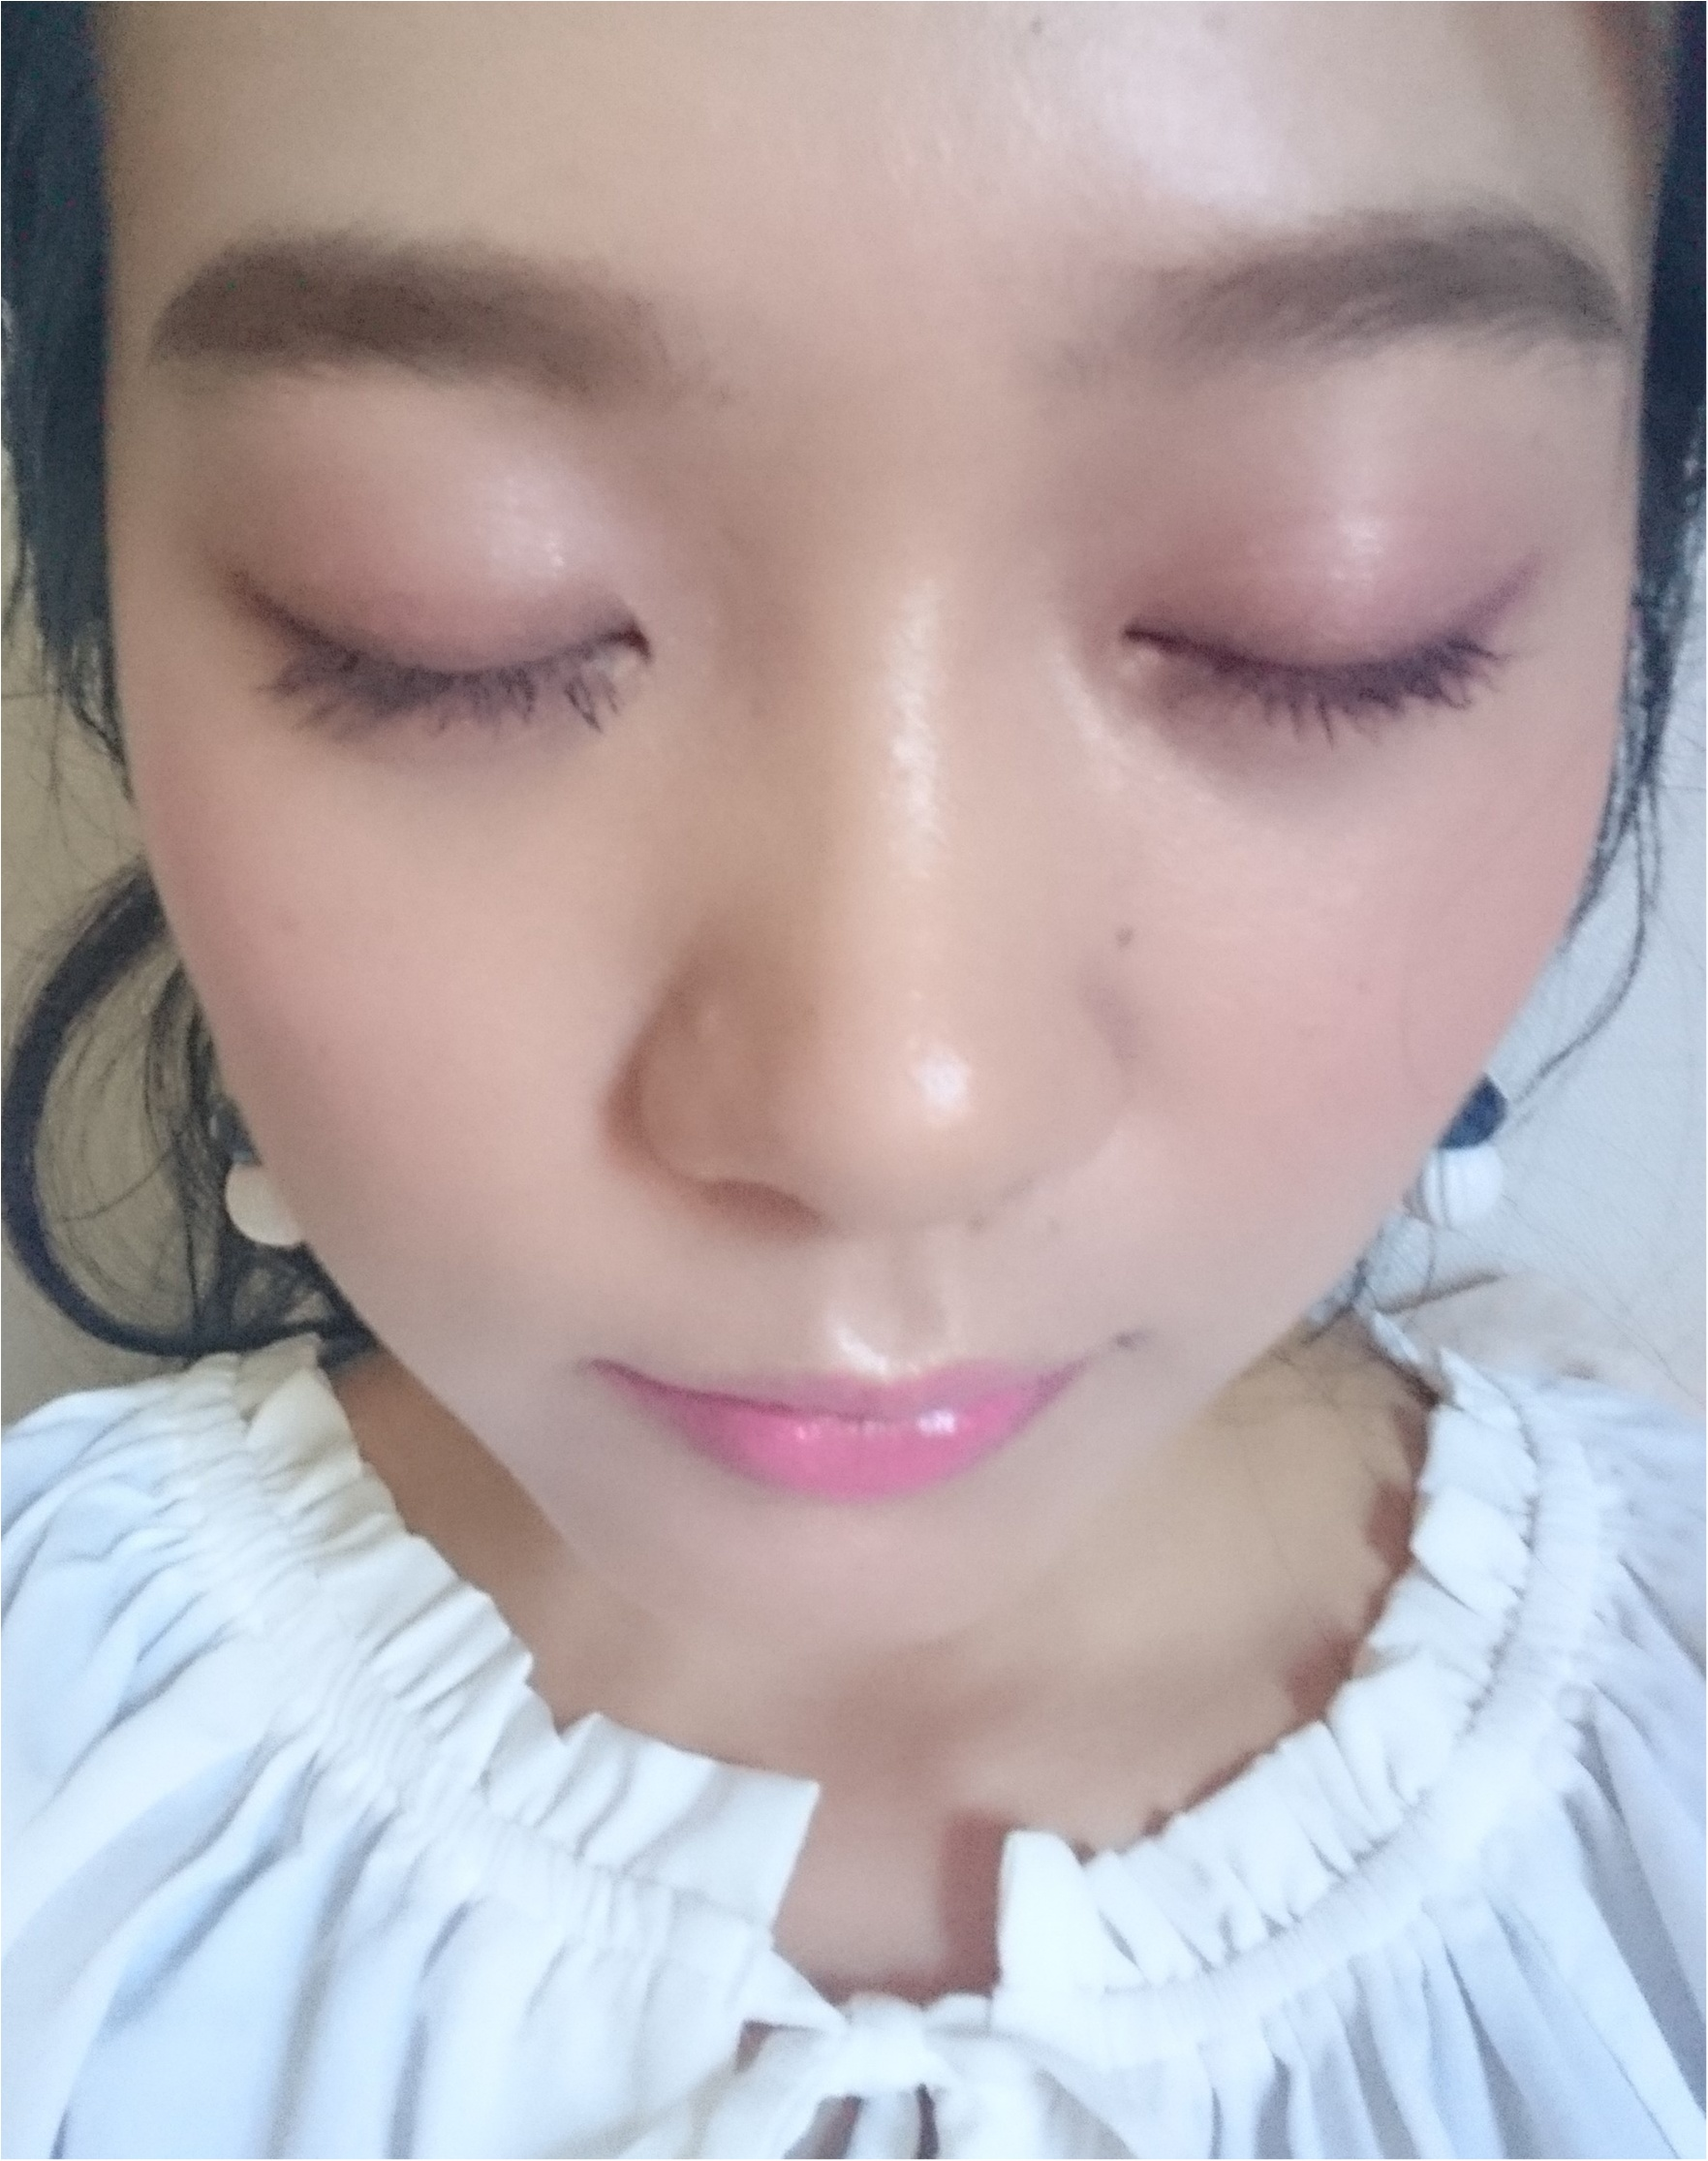 夏でも甘めピンクが可愛いんです♡ツヤ&輝きフェミニン【夏メイク】_2